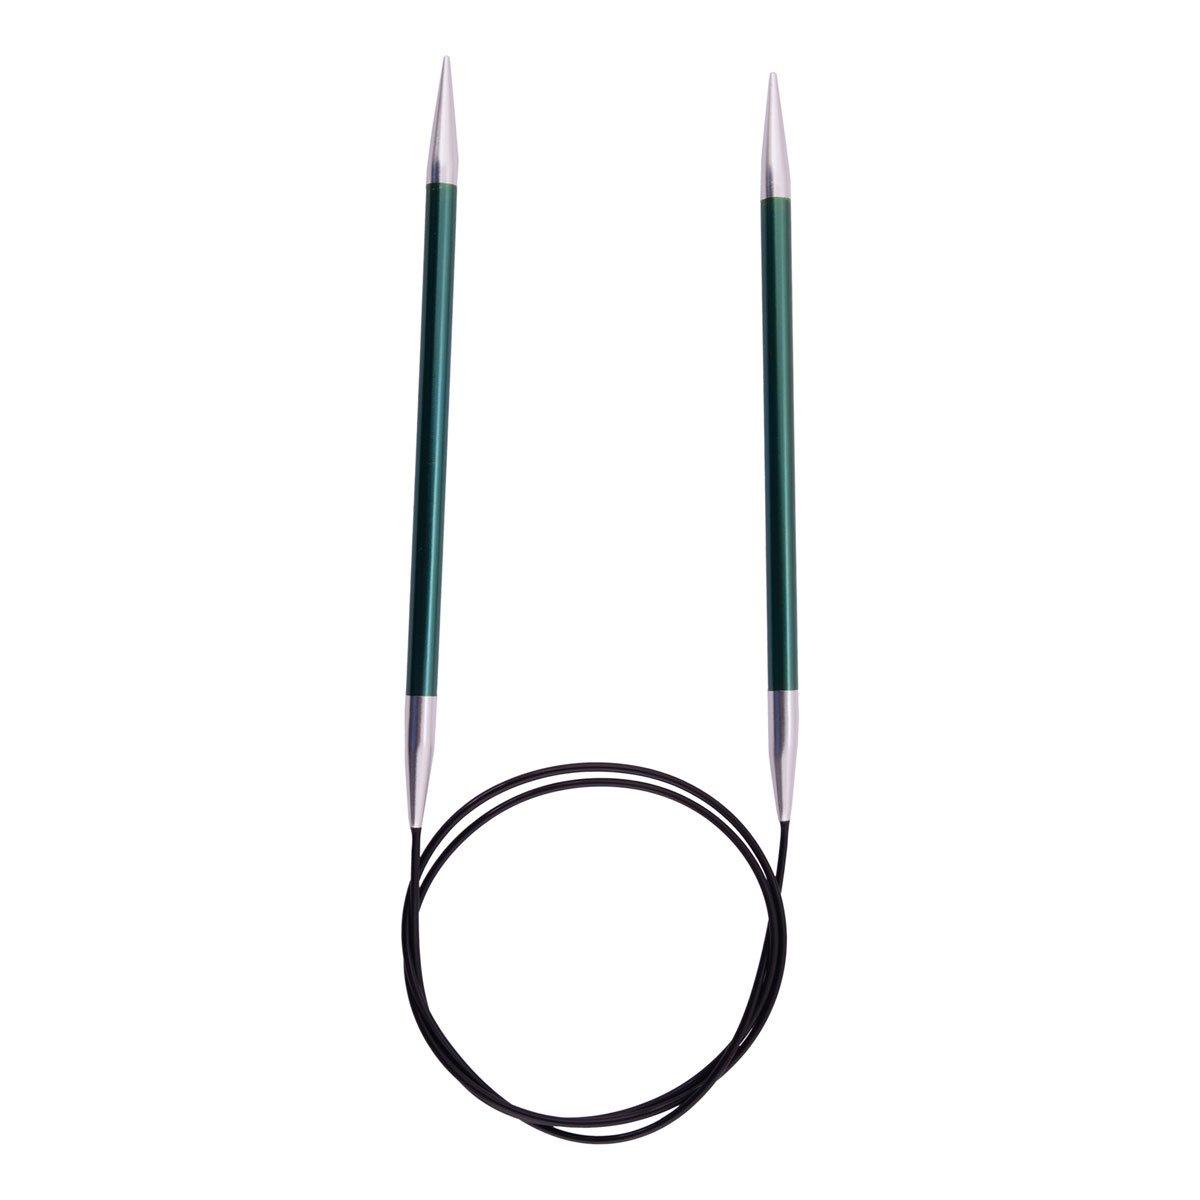 KnitPro International Rundstricknadel ZING 3,75 mm amethyst 120 cm